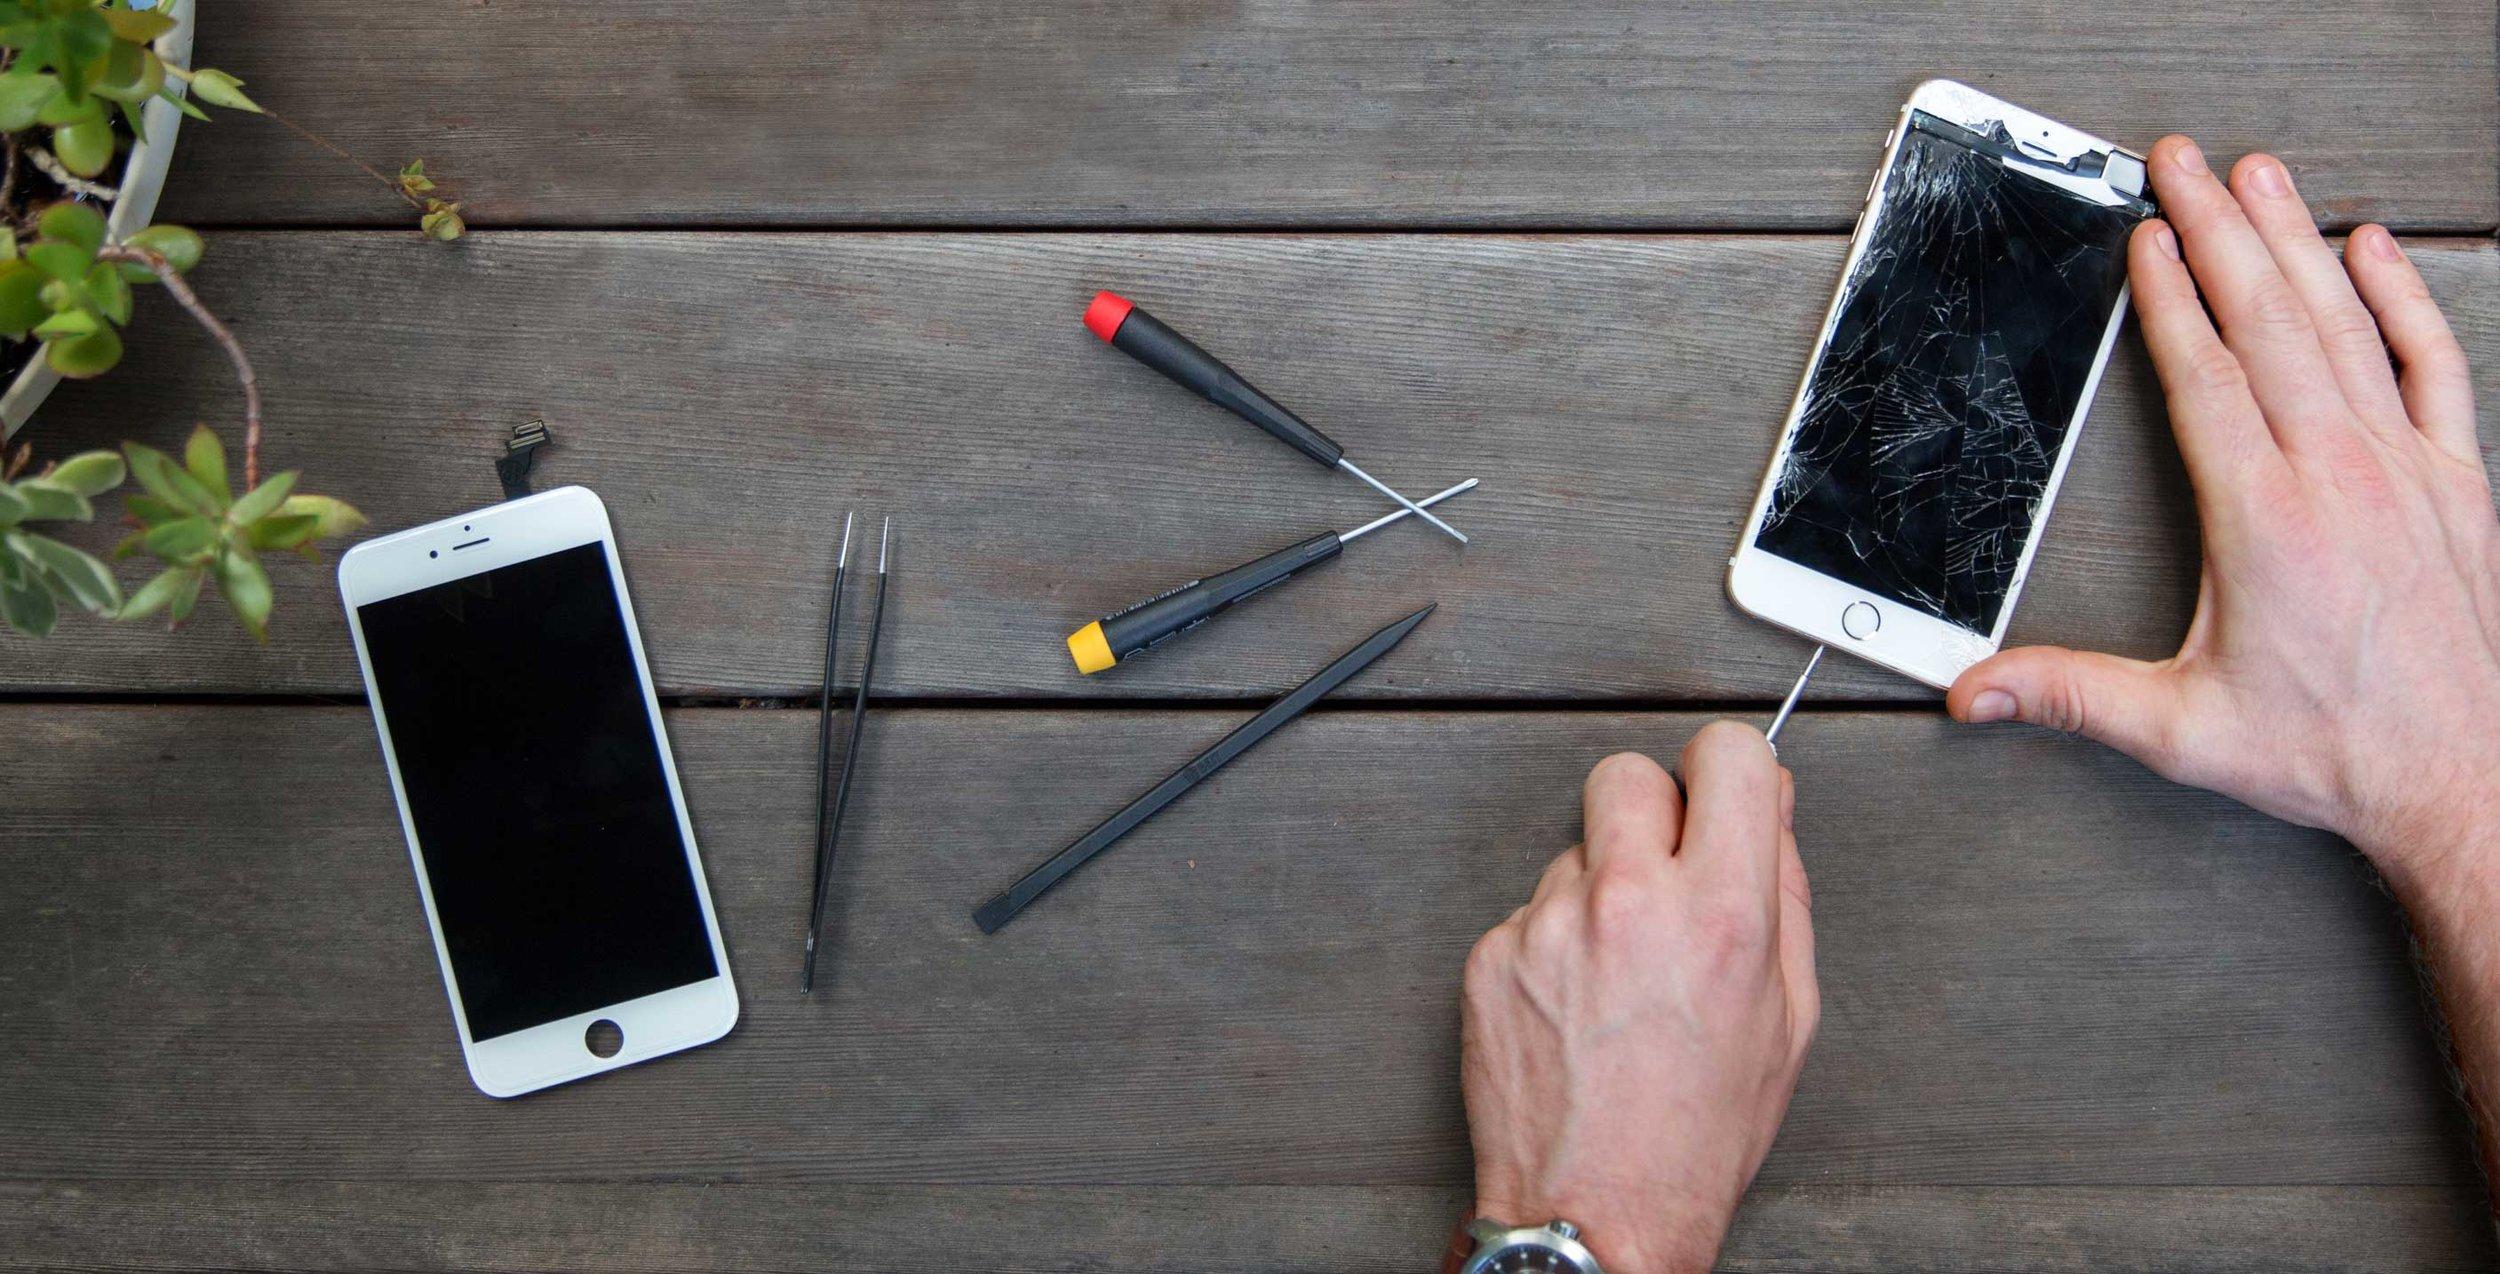 - Apple iPhone Repair